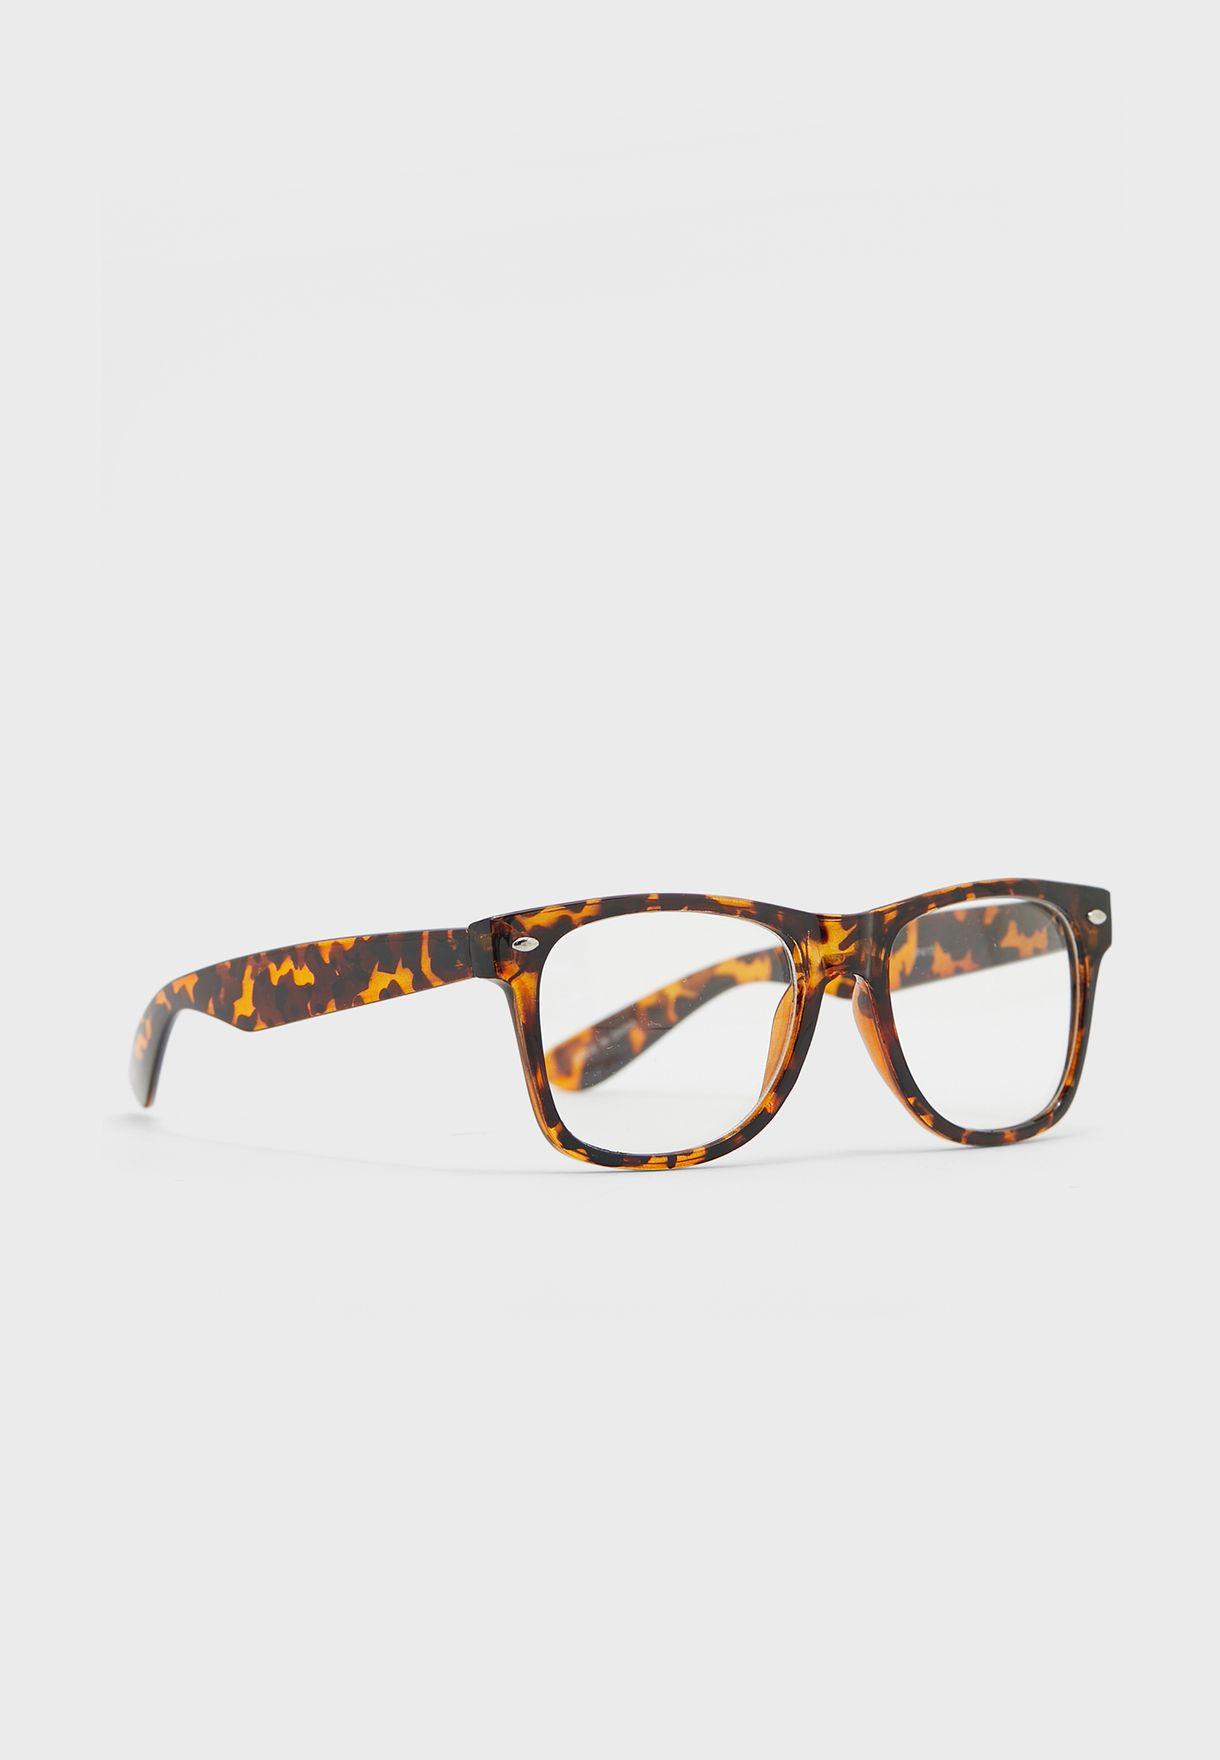 0b45fbde1 تسوق نظارة شمسية Fred ماركة جيبيرس بيبيرس لون بني في السعودية ...